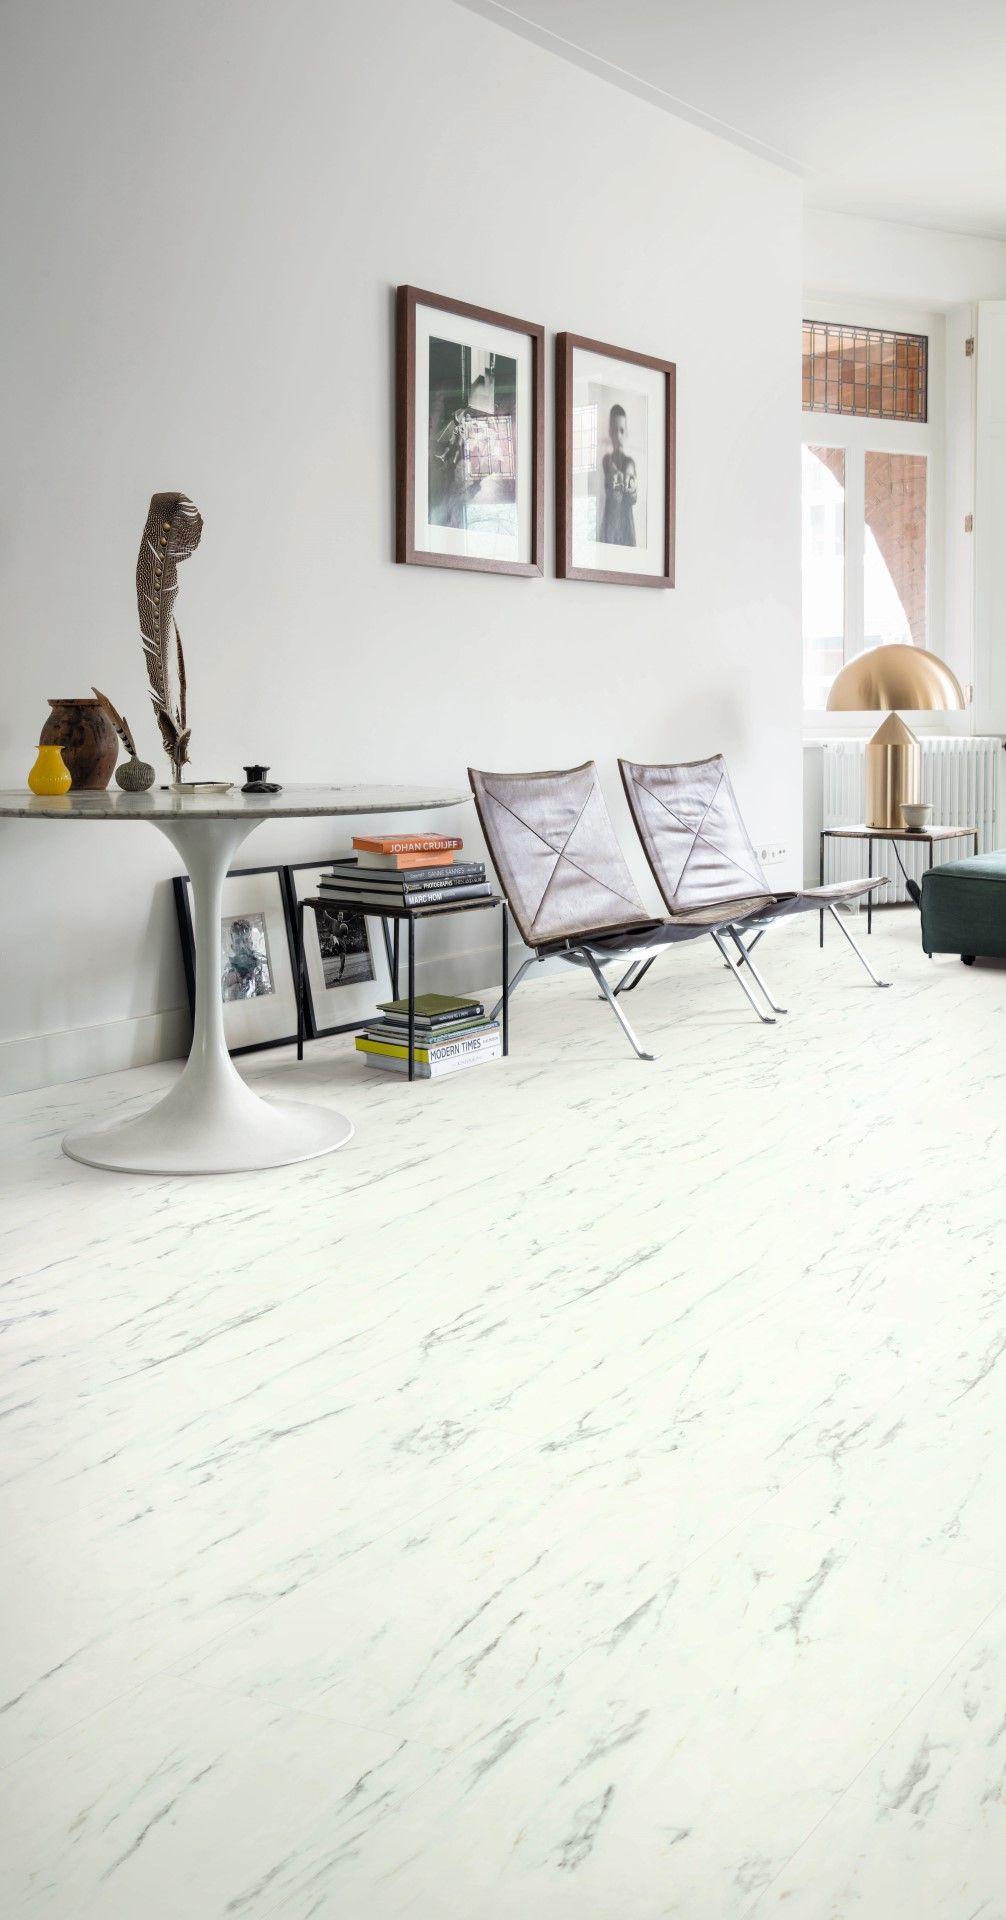 Vinyl - Ambient Carrara Marble